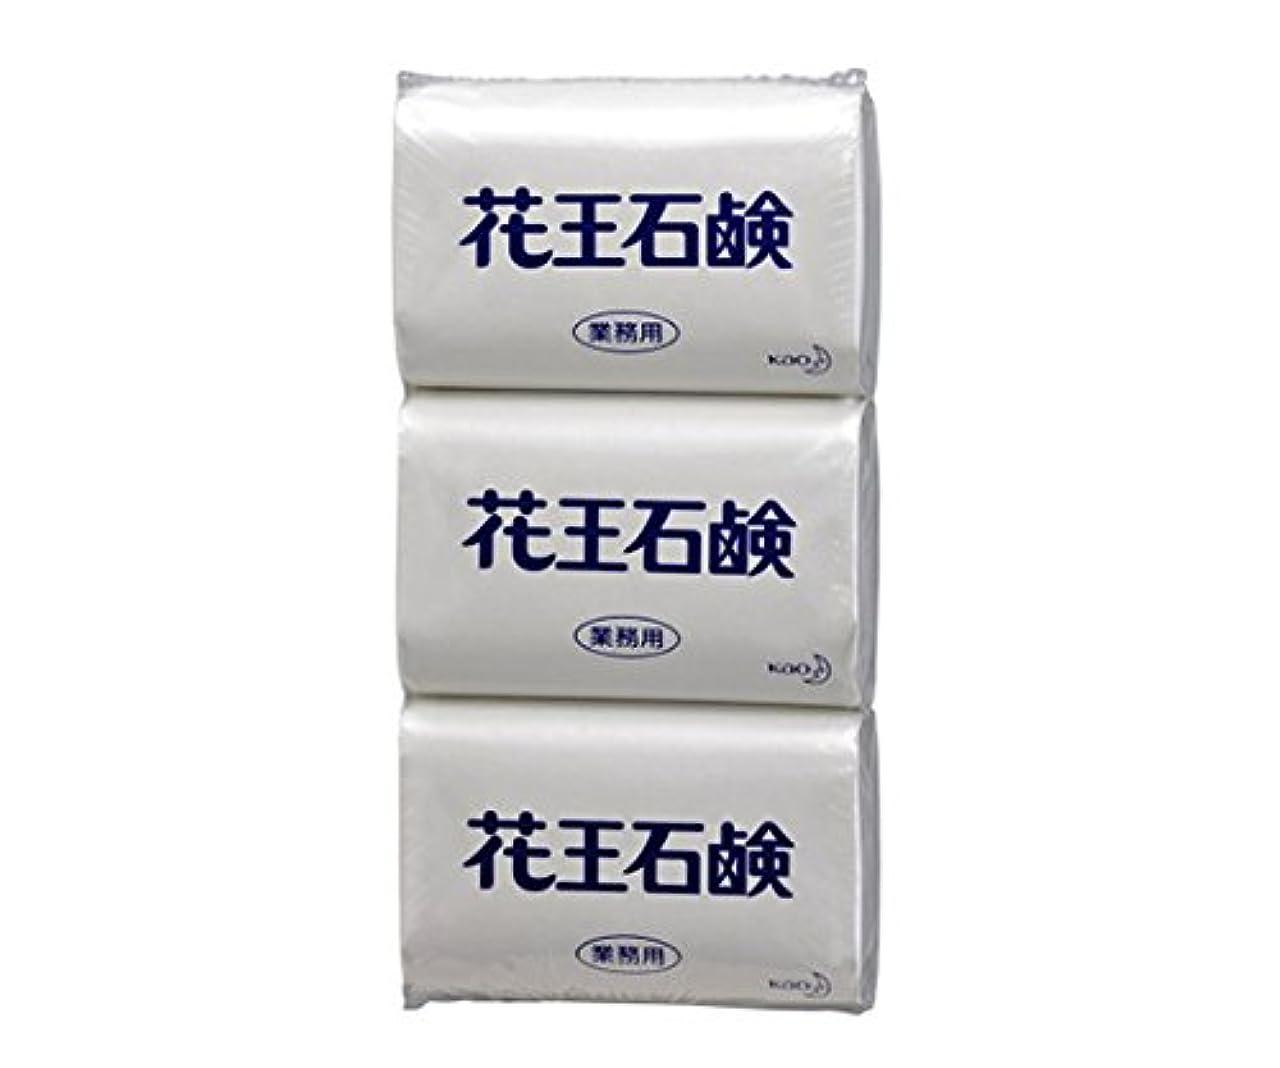 クリークシロクマ外部花王1-2756-11石鹸85G